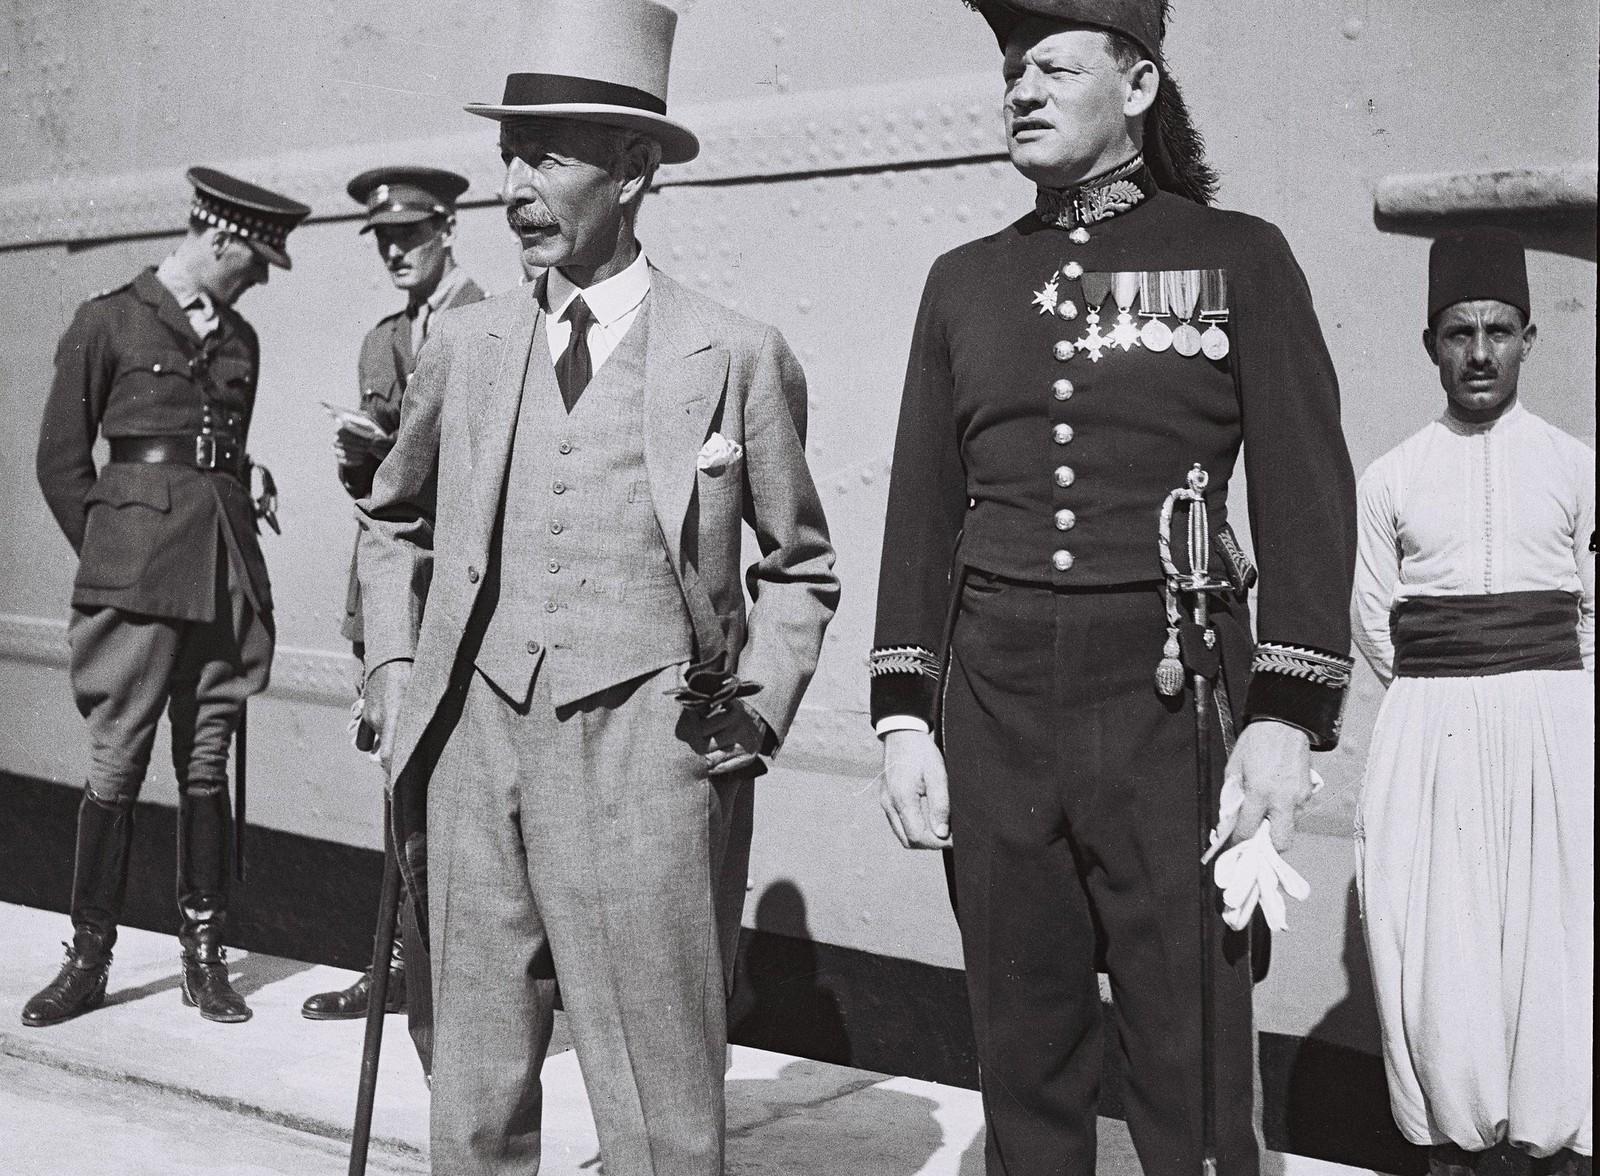 1933. Верховный комиссар Палестины сэр Артур Ваучоп присутствует на церемонии открытия порта